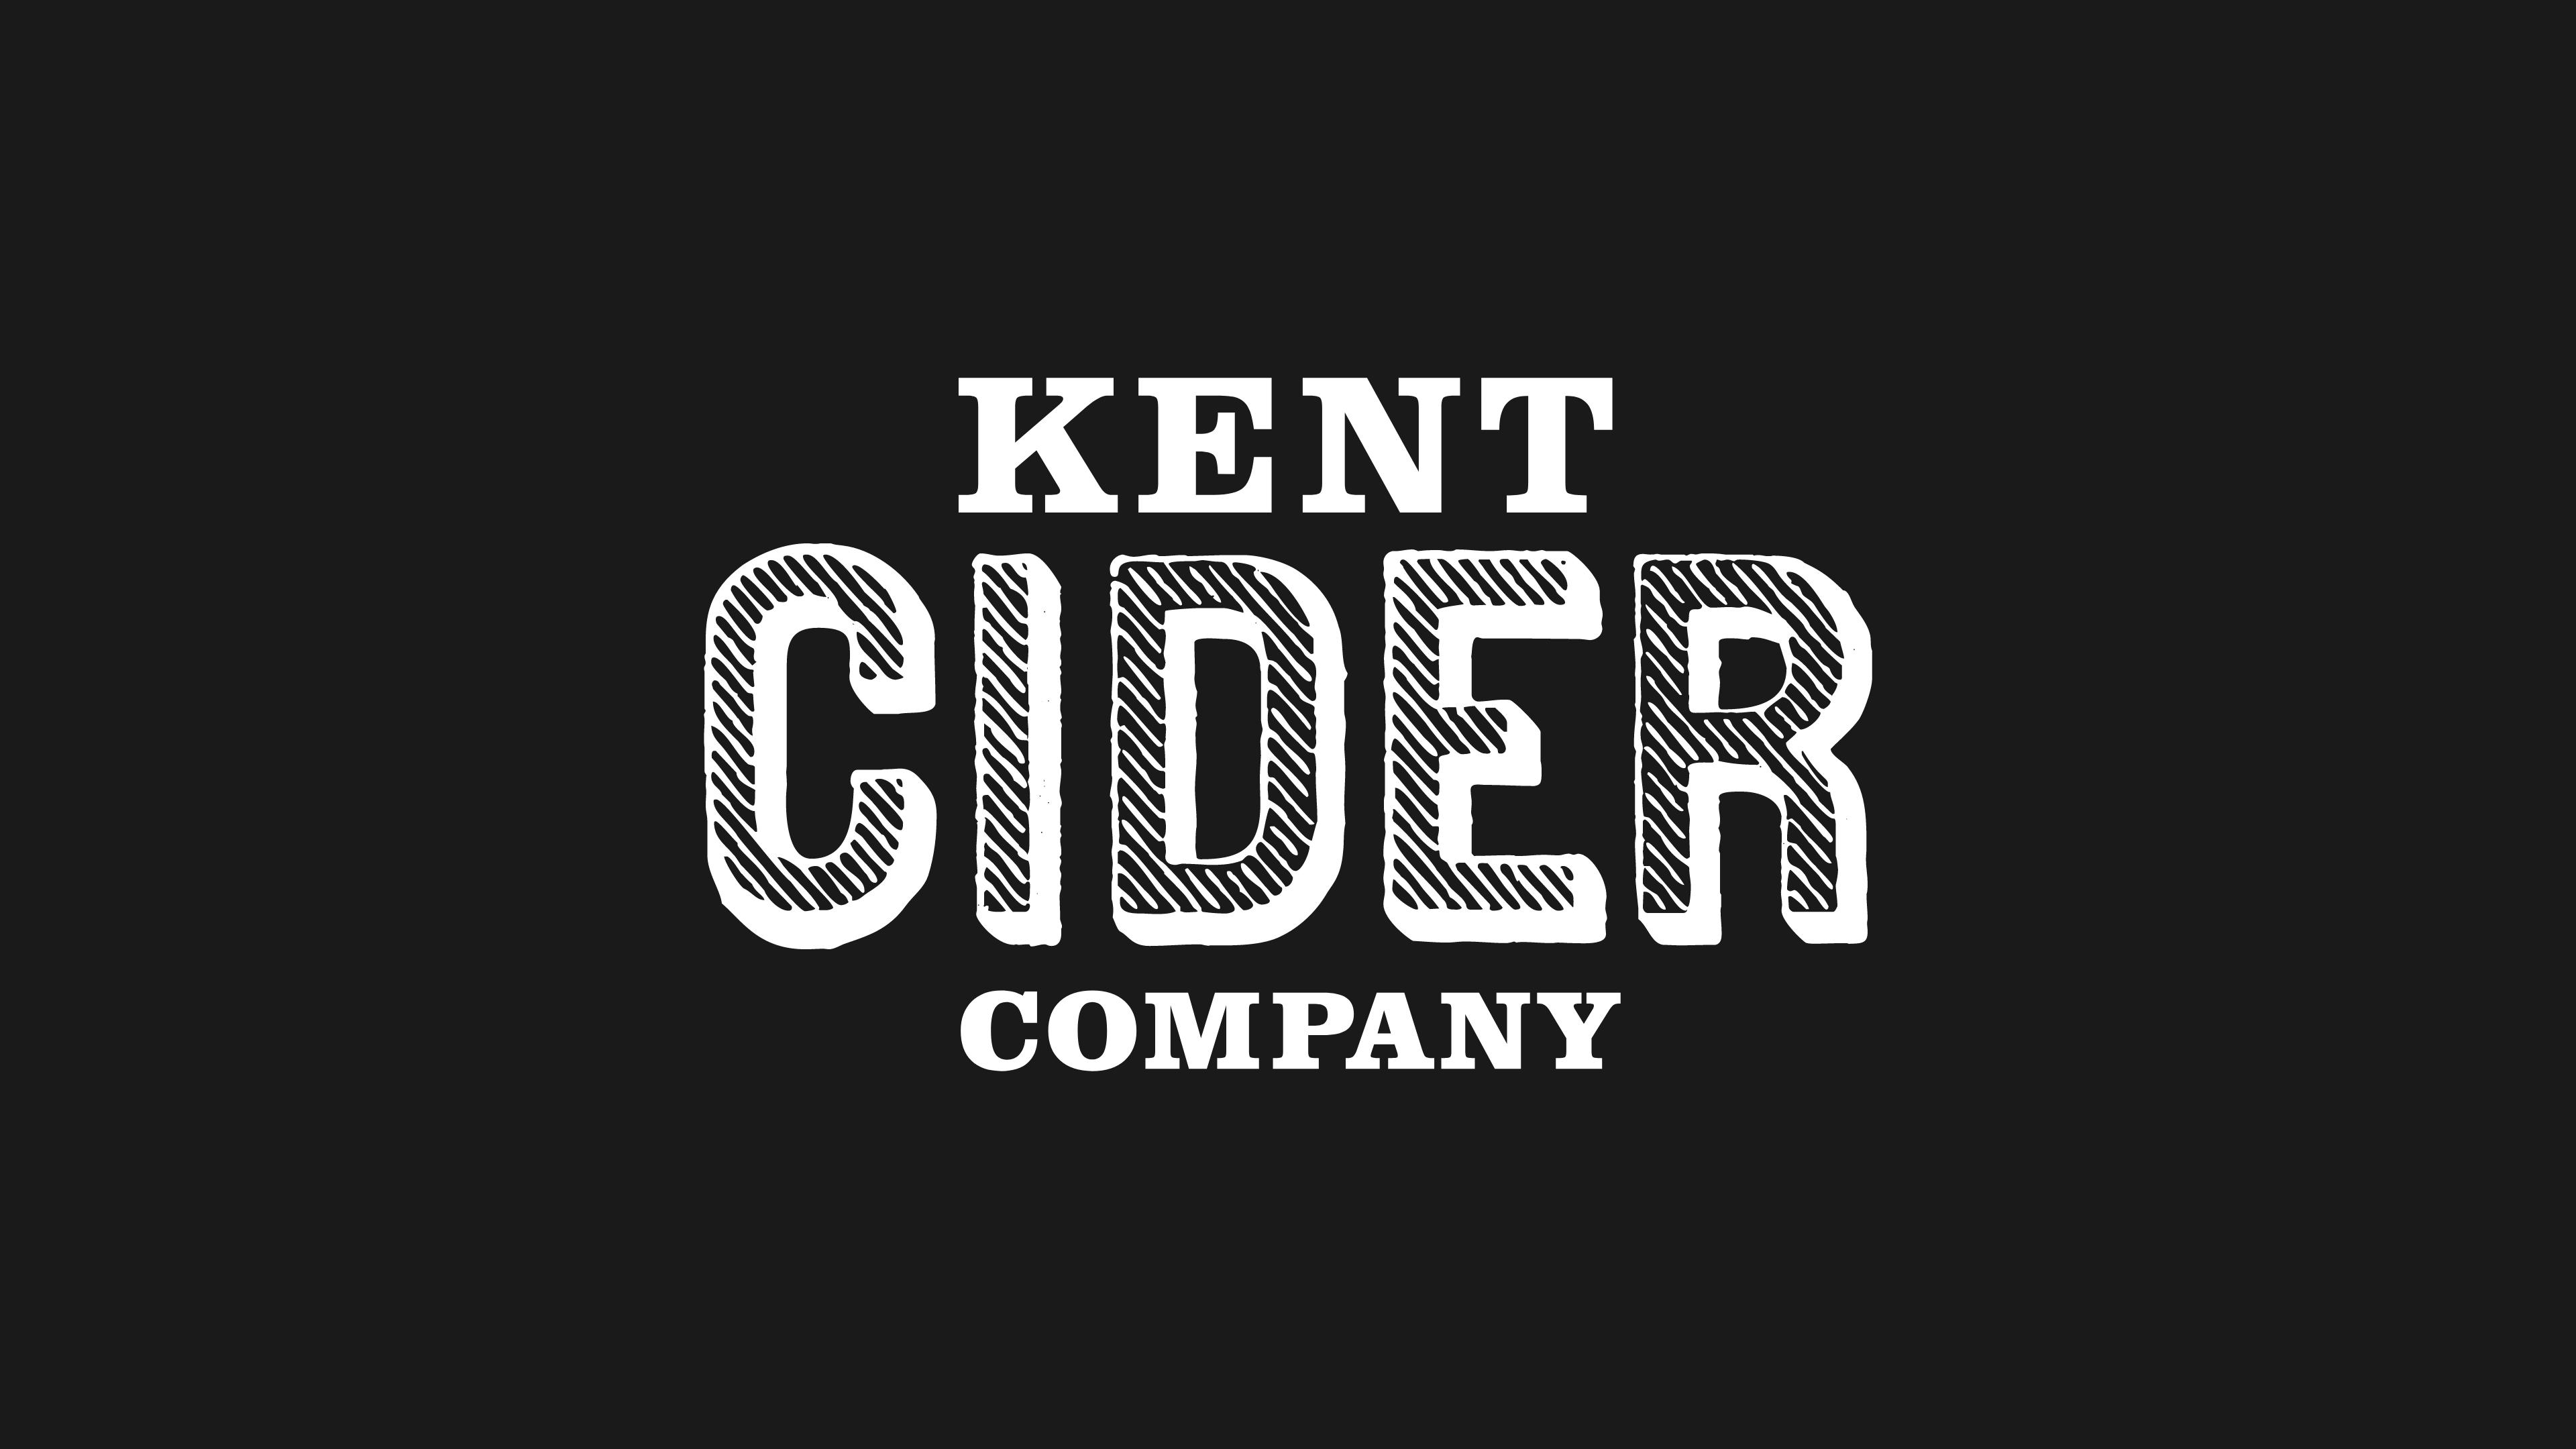 Kent_Cider_Video_Banner_V1